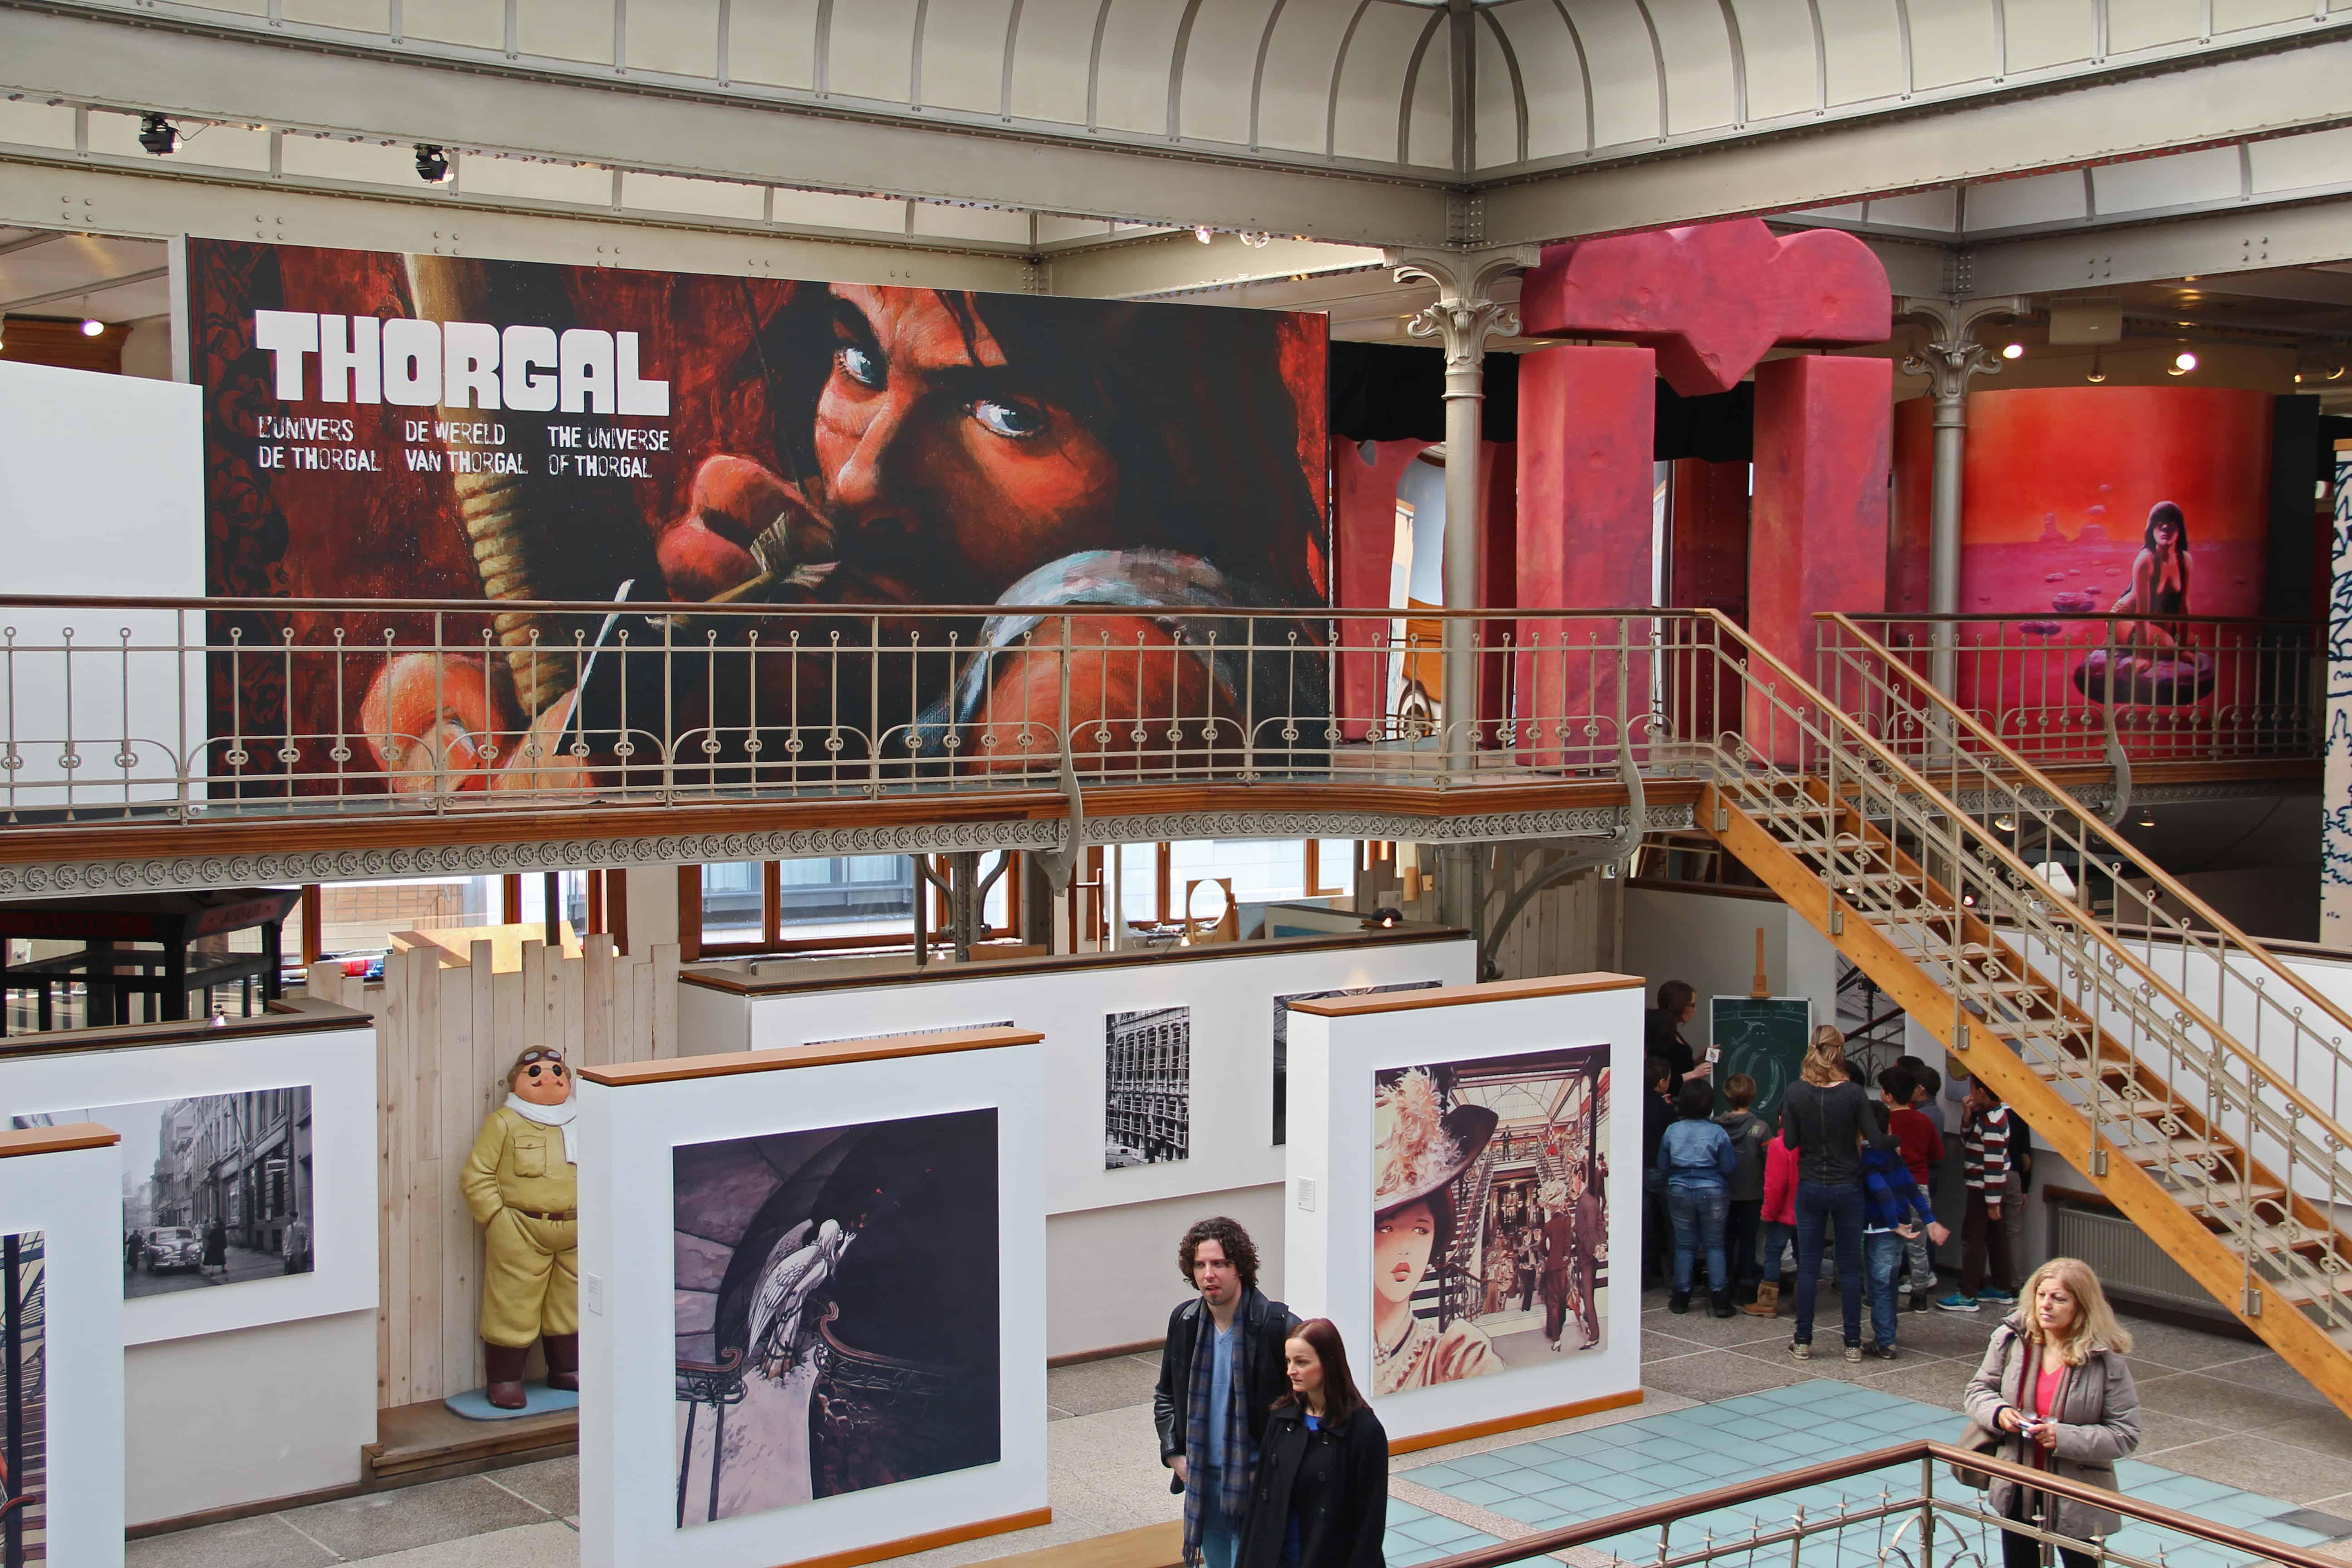 Thorgal tentoonstelling in het Stripmuseum tot september 2015